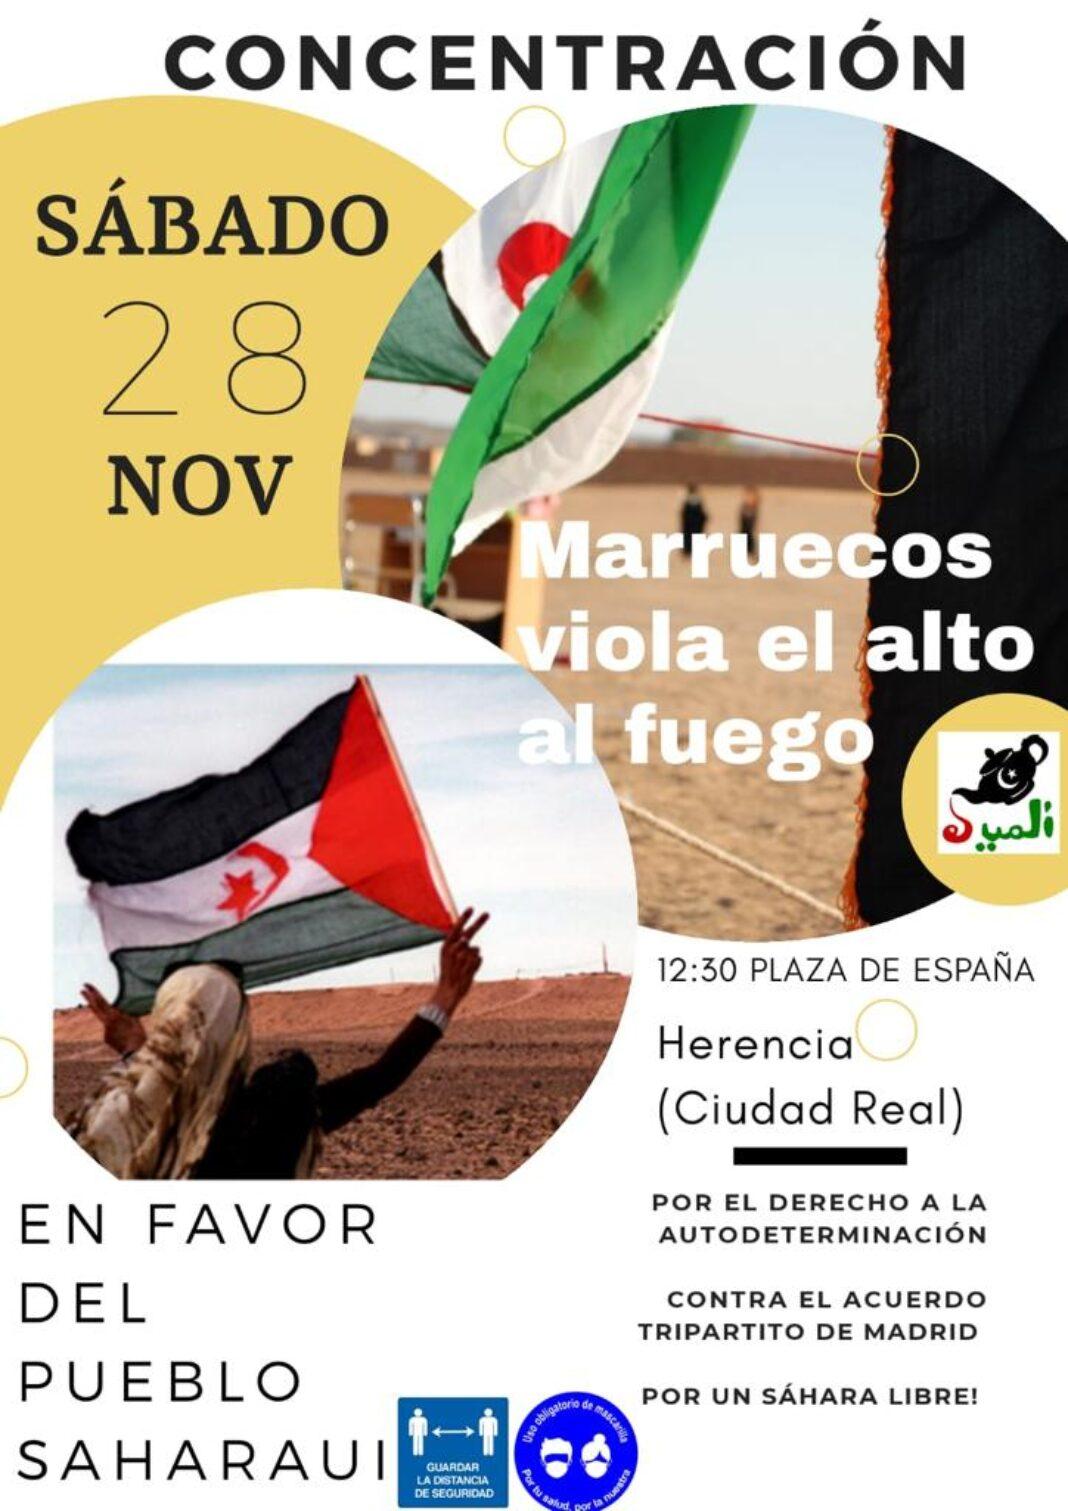 Concentración en favor del pueblo saharaui el sábado 28 en Herencia 4